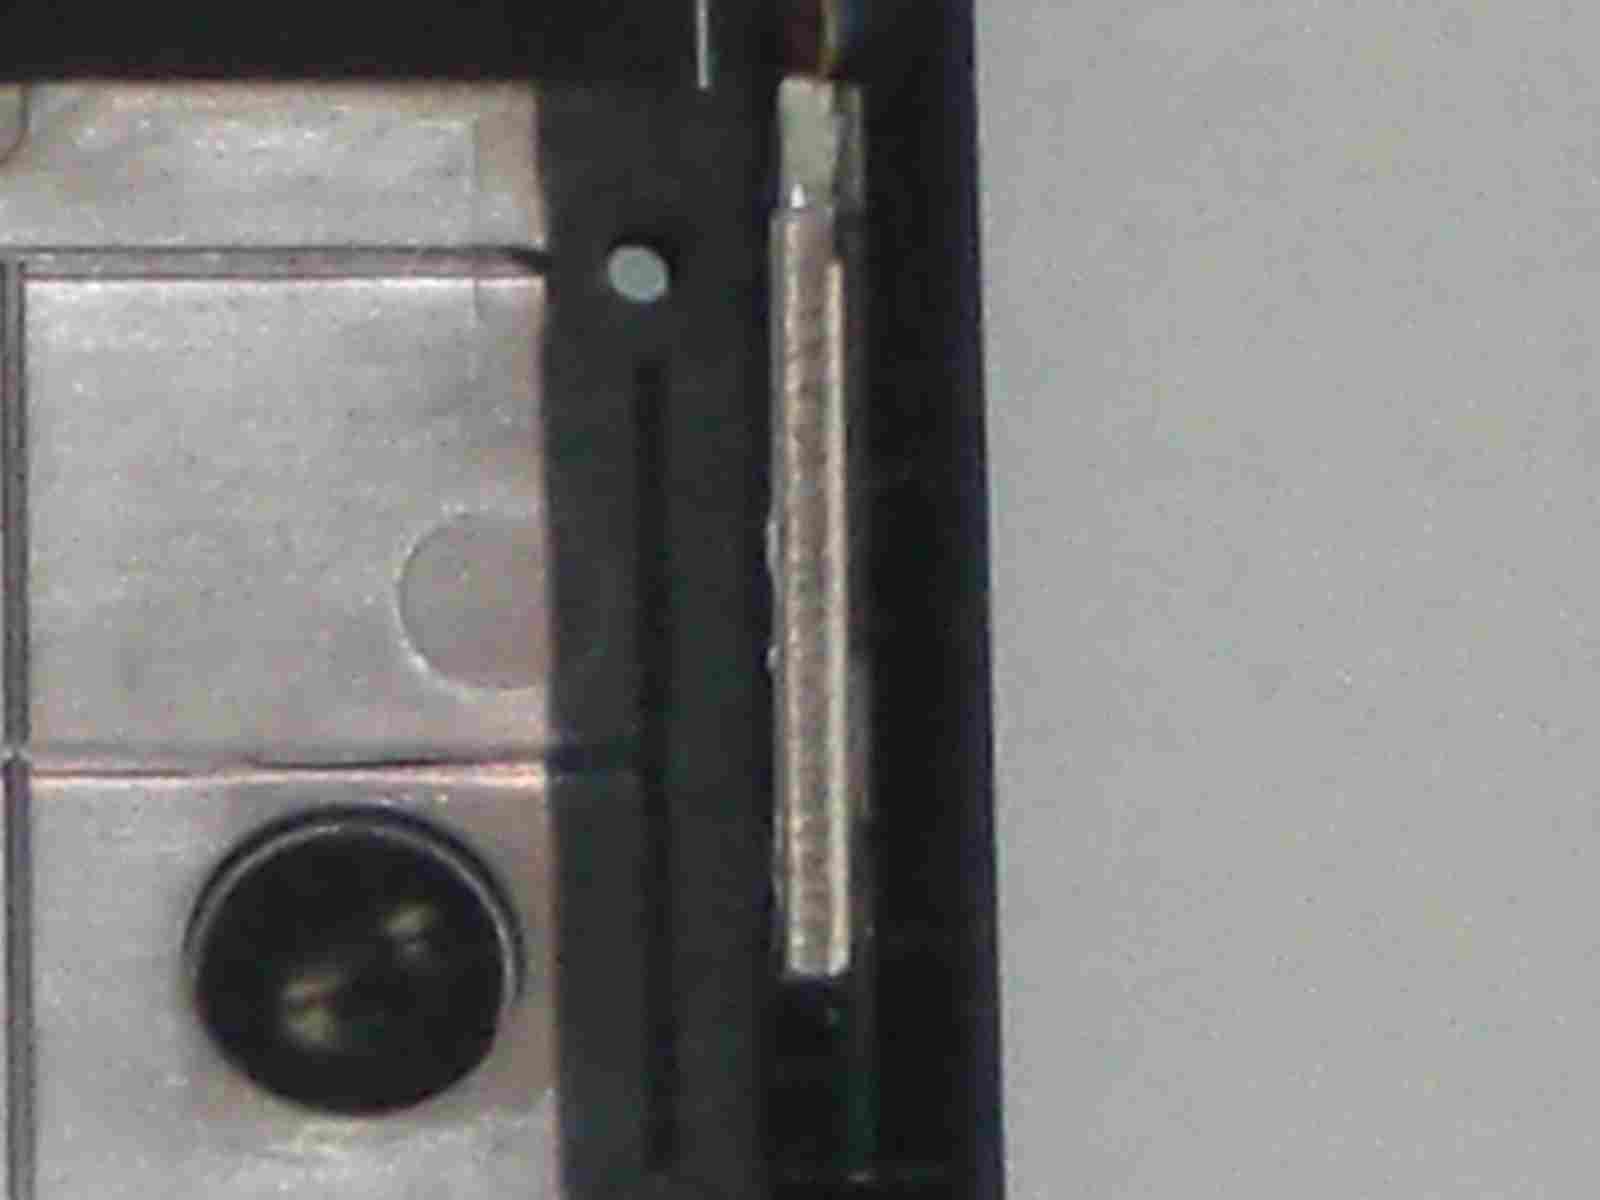 ASUS Eee S101H 筐体下部のディティール3 BlueTooth ユニットの拡大